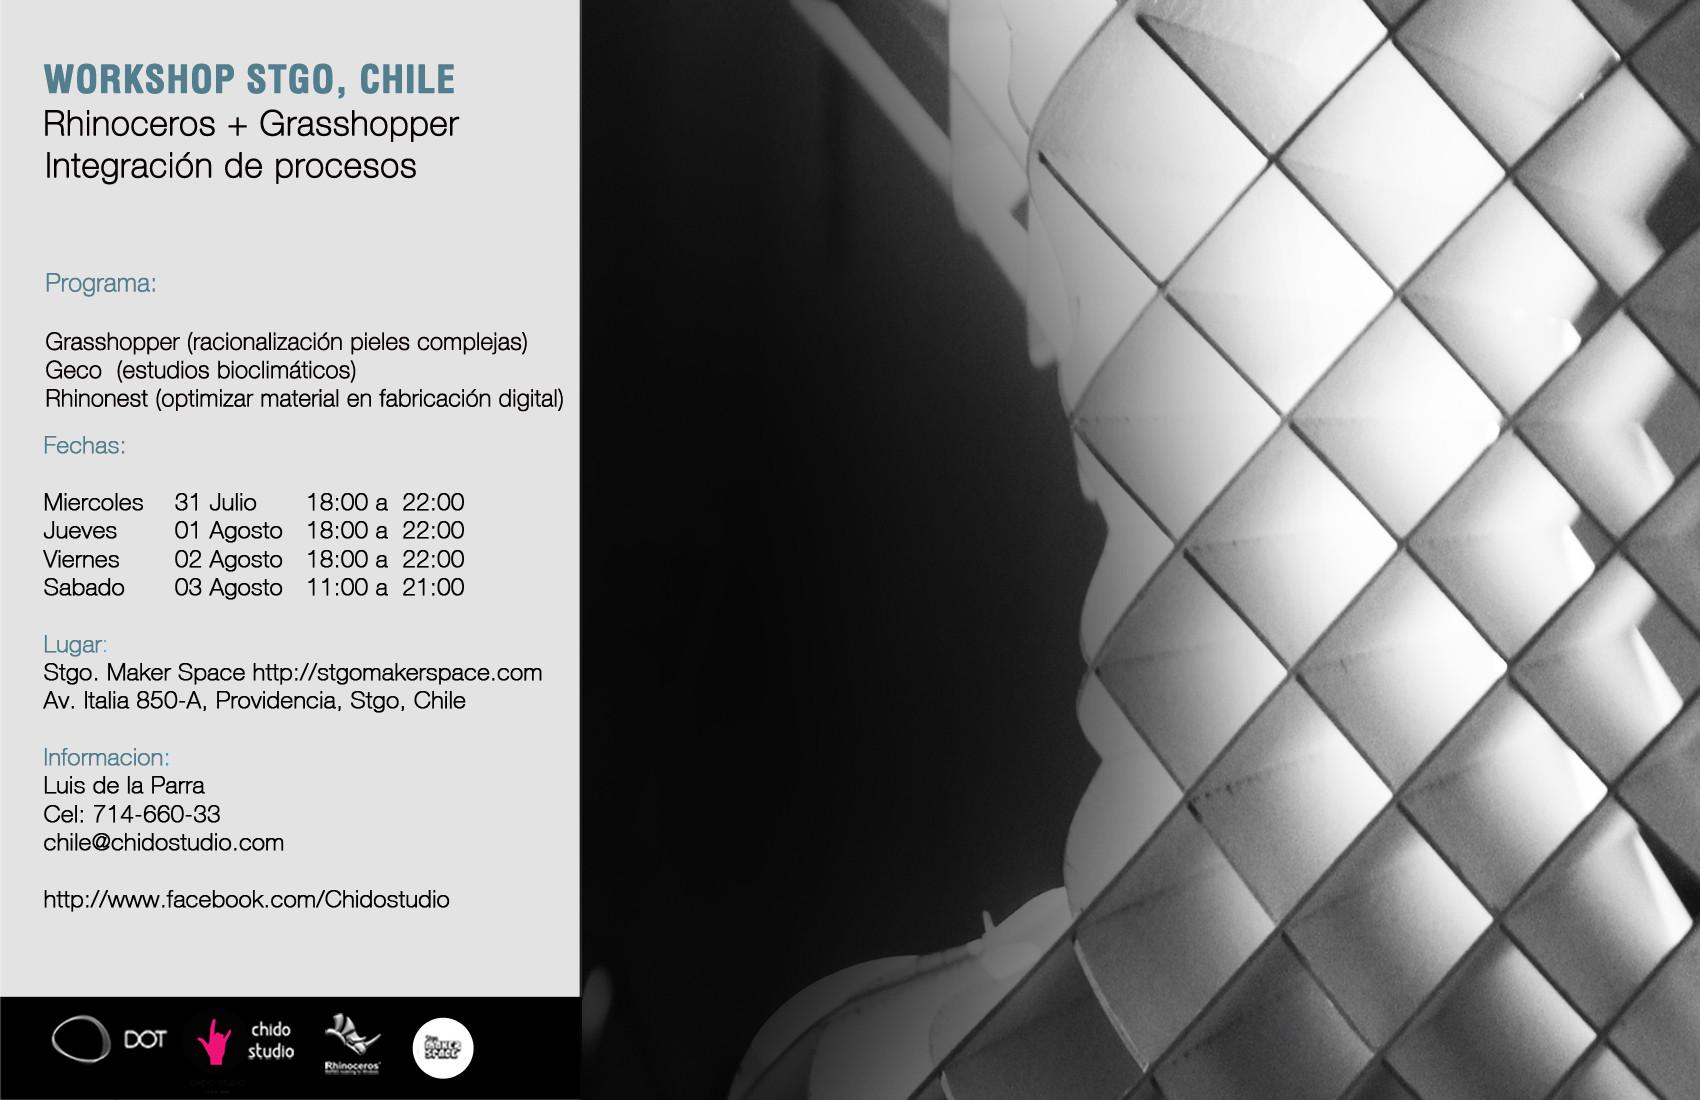 Workshop Rhinoceros + Grasshopper, Integración de Procesos / Chido Studio [¡Sorteamos un Cupo!]